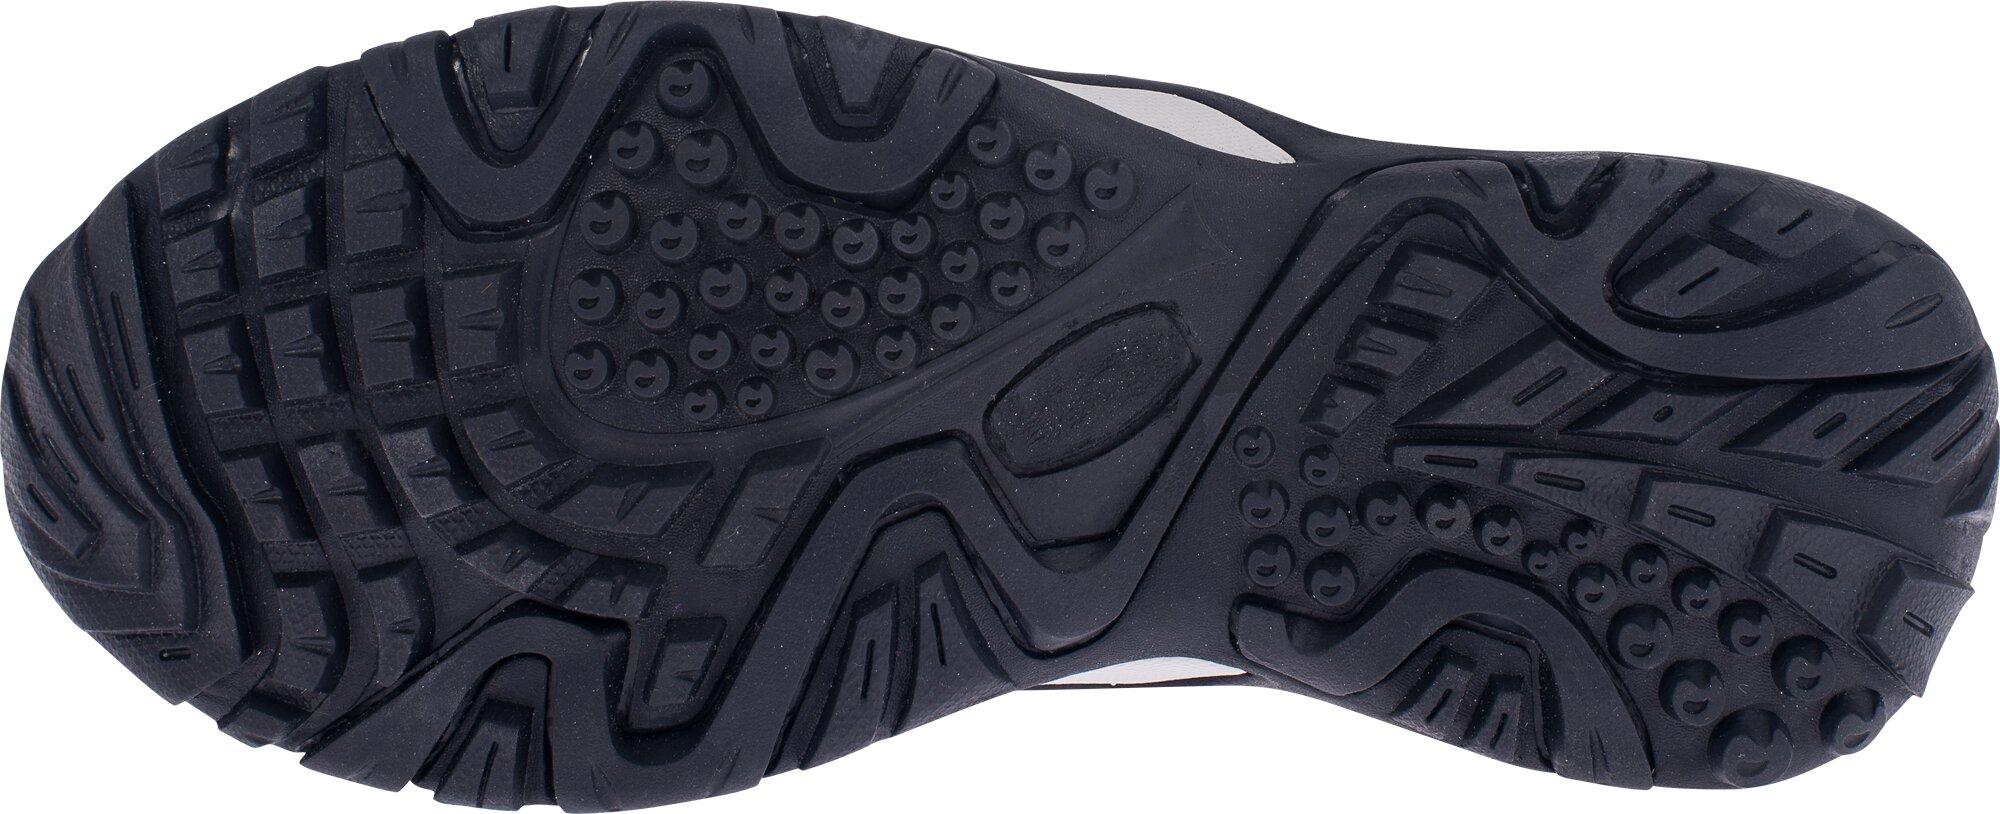 ... Fialové dámské kožené outdoorové boty MAIN LADY - NBLC81 d0c254f535